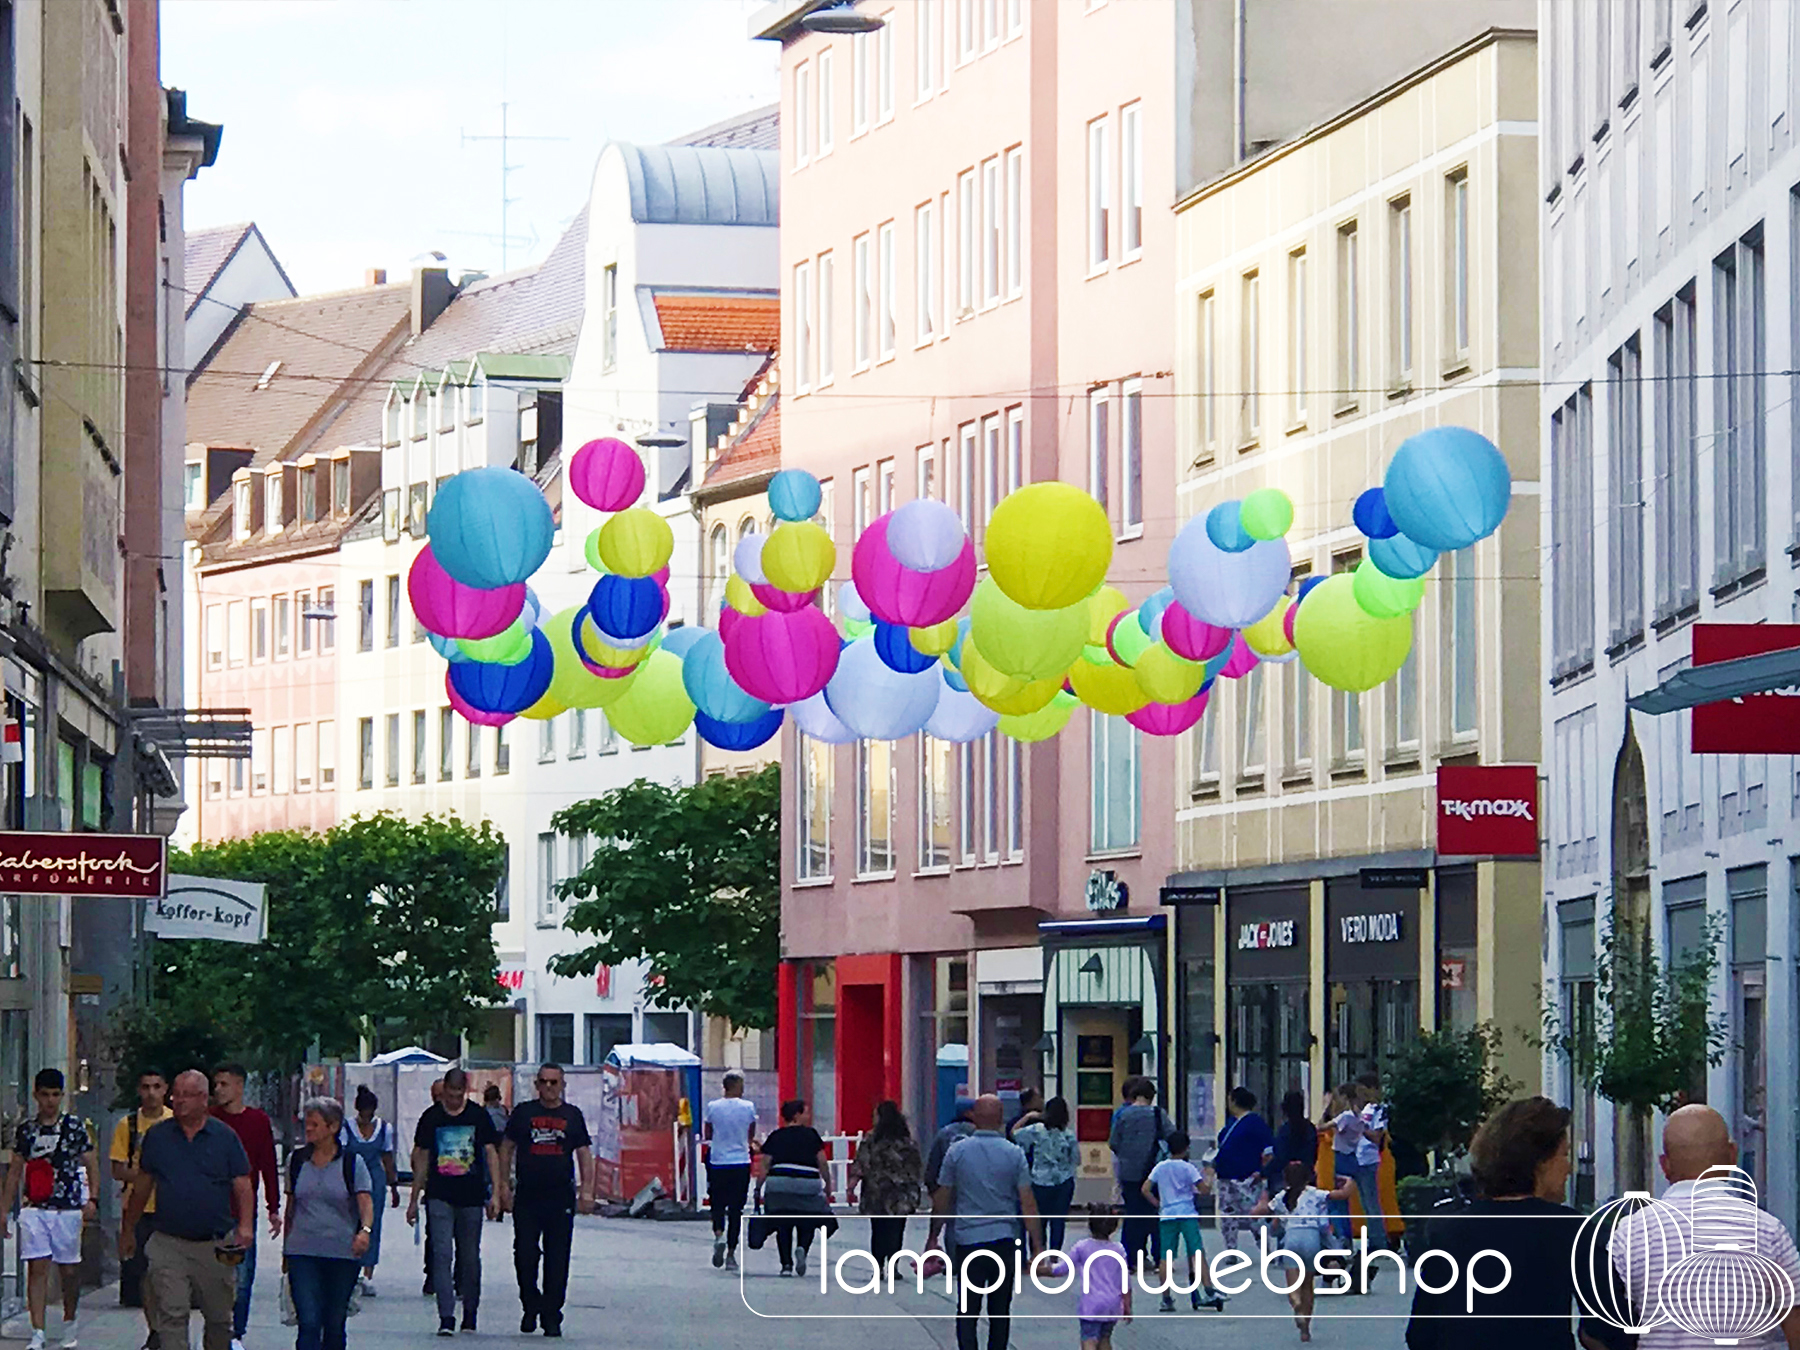 winkelstraat-decoratie